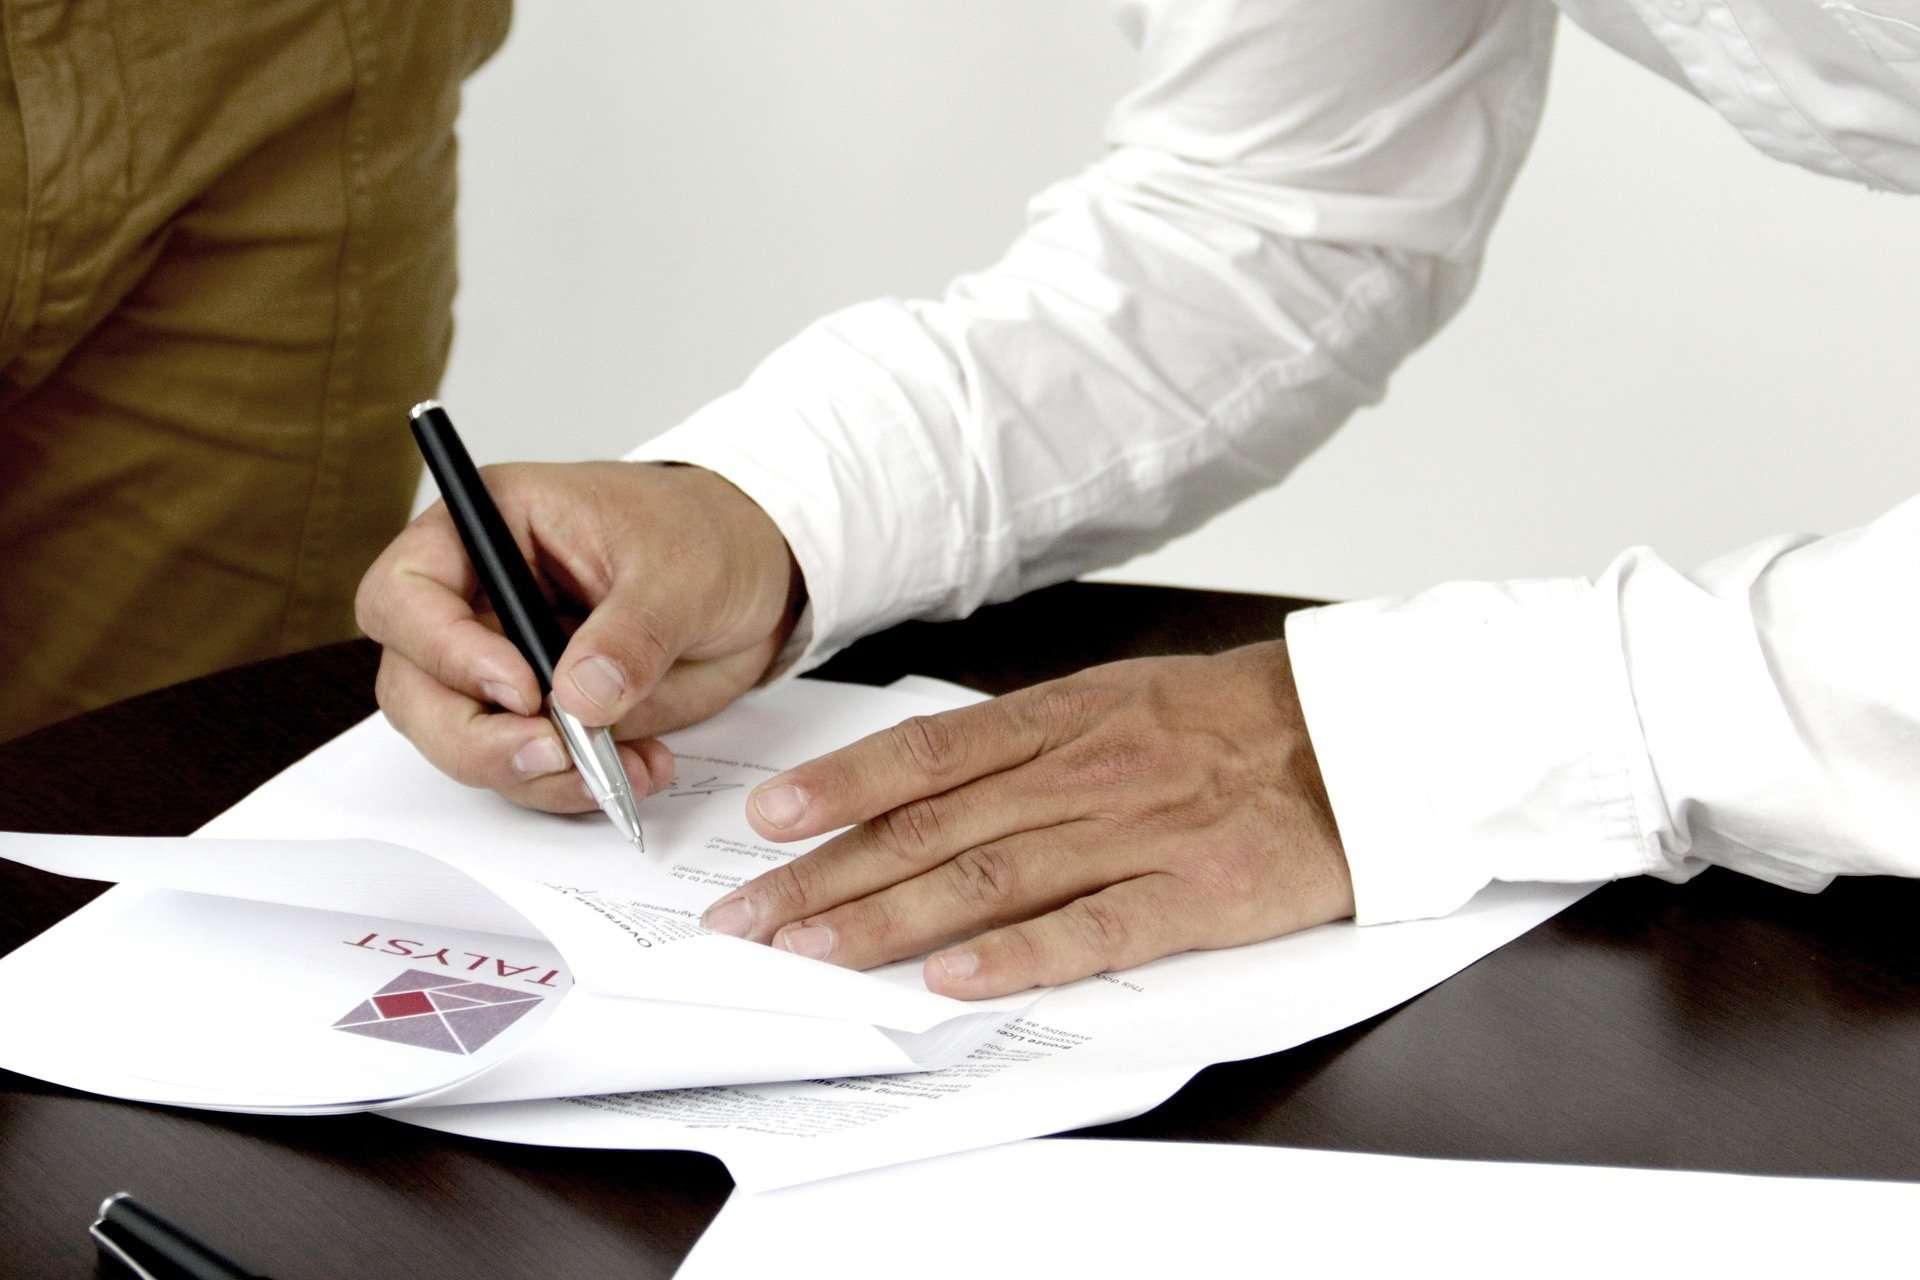 Mitwirkungspflicht des Ehegatten an Mitteilung der Wohnungsübernahme